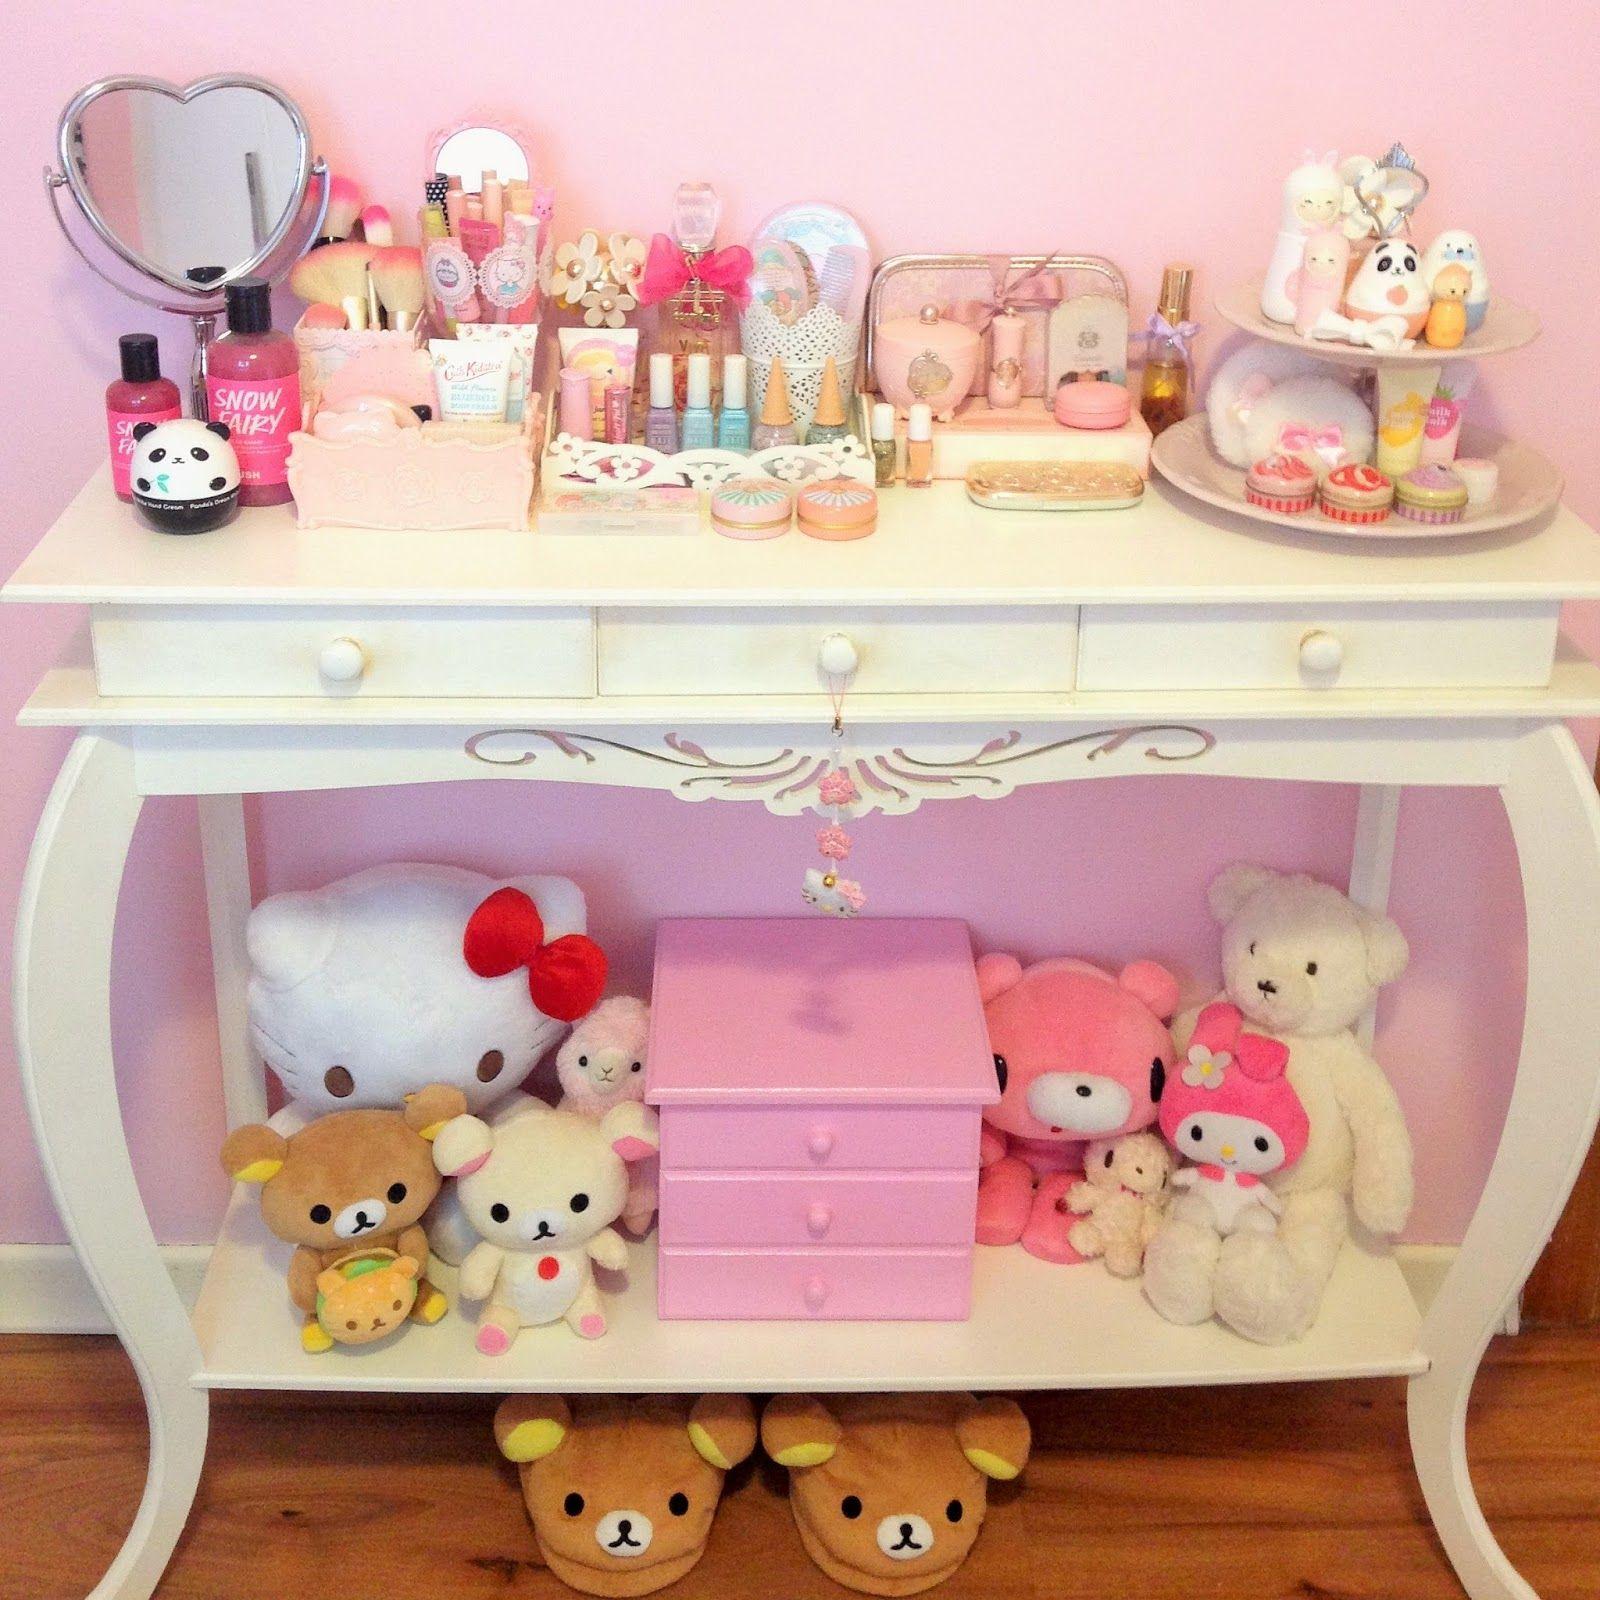 Kawaii Life and Pink Everything Lolita